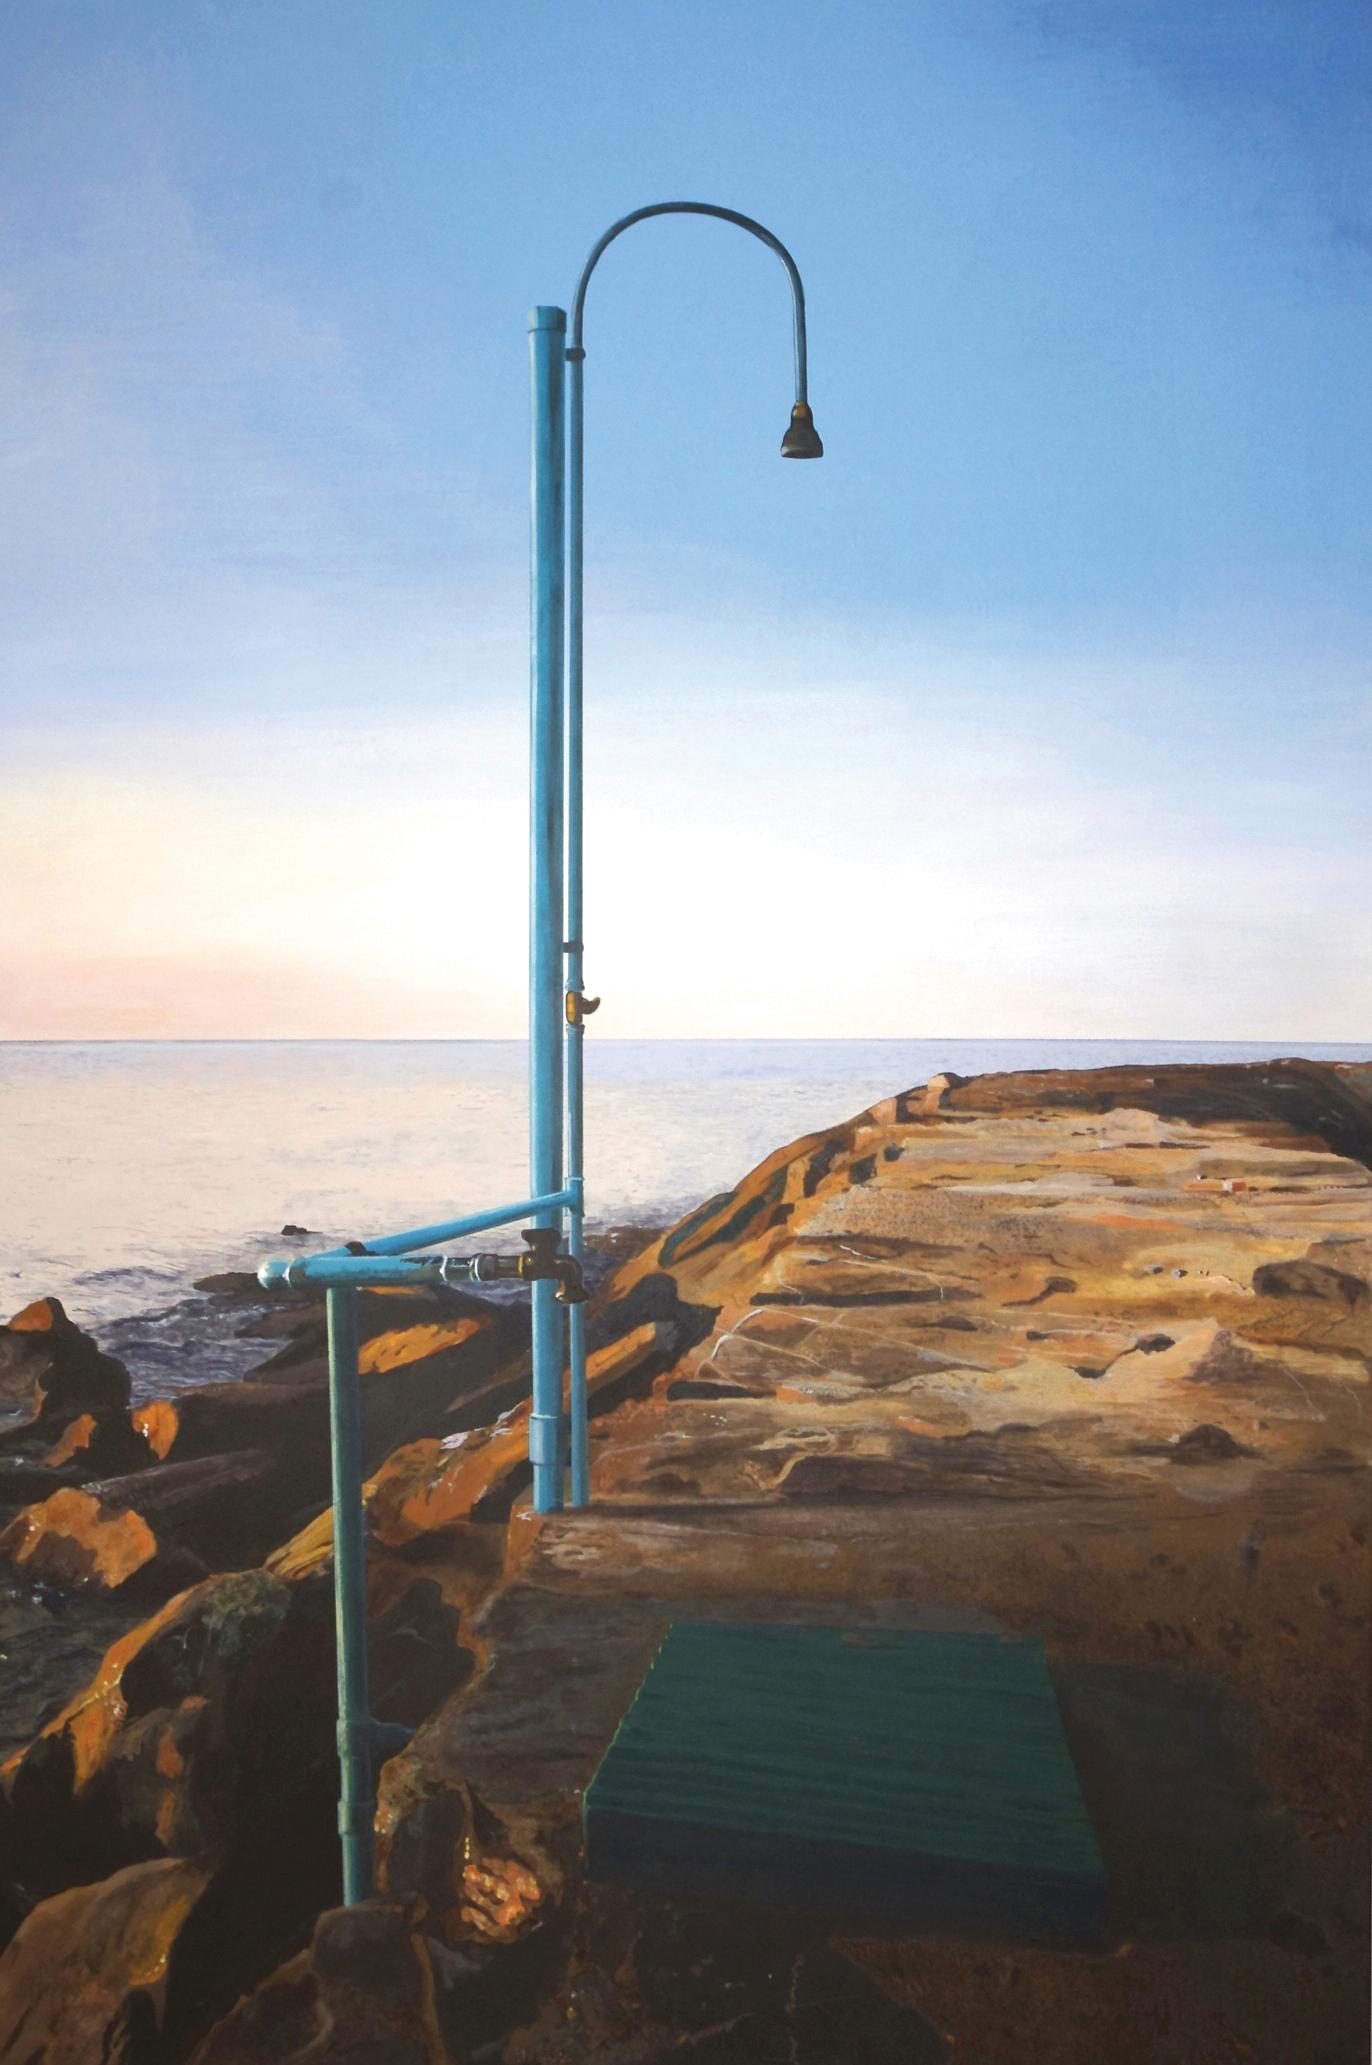 Andrea Ciresola, Paesaggio con doccia sul mare, 2011, acrilico su tavola di pioppo, cm 12x80. Opera con la quale Ciresola ha vinto il secondo premio sezione pittura over 25 al Premio Nocivelli